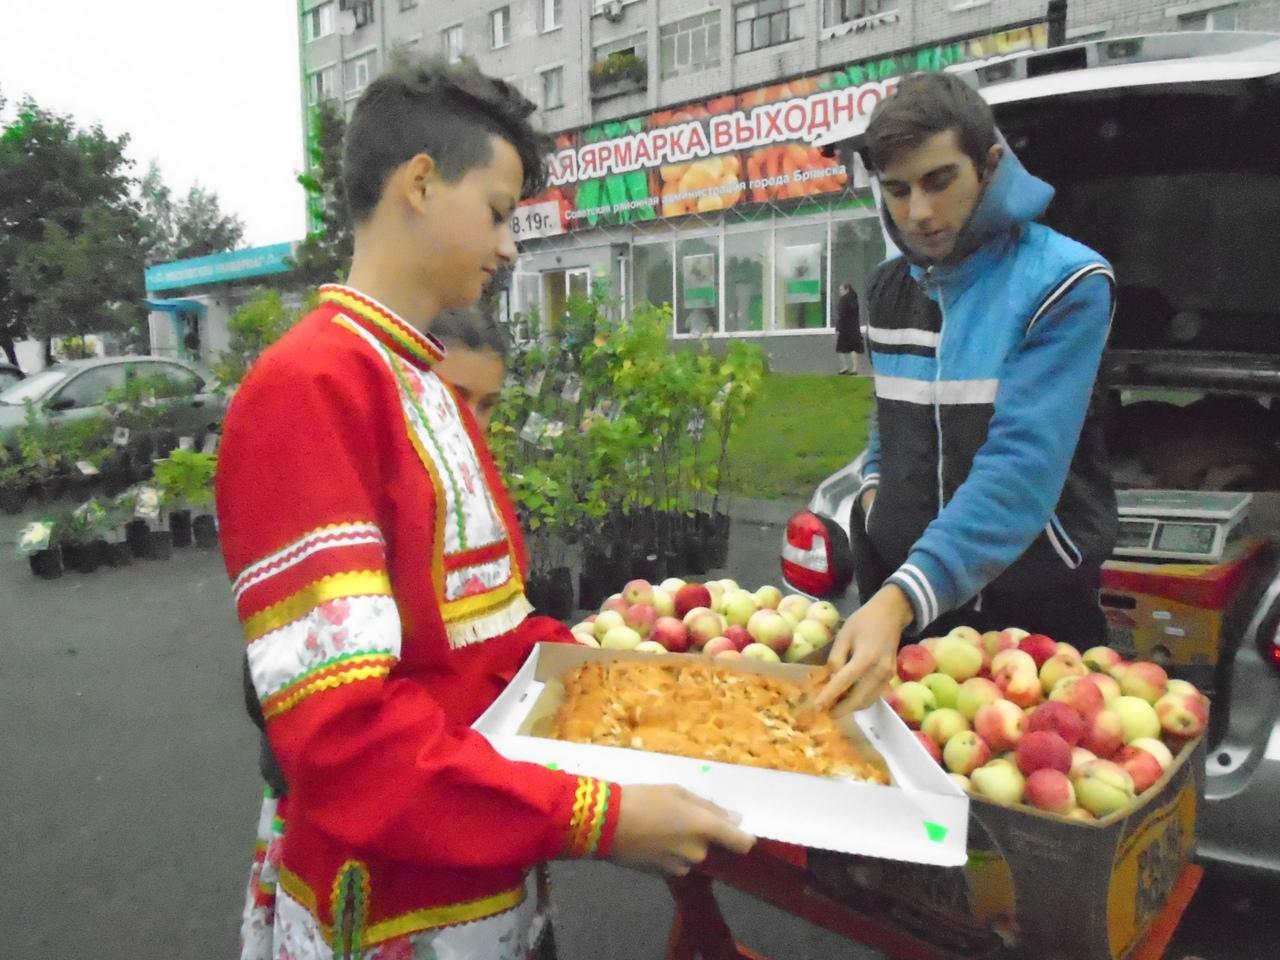 Ярмарки выходного дня открылись в Брянске